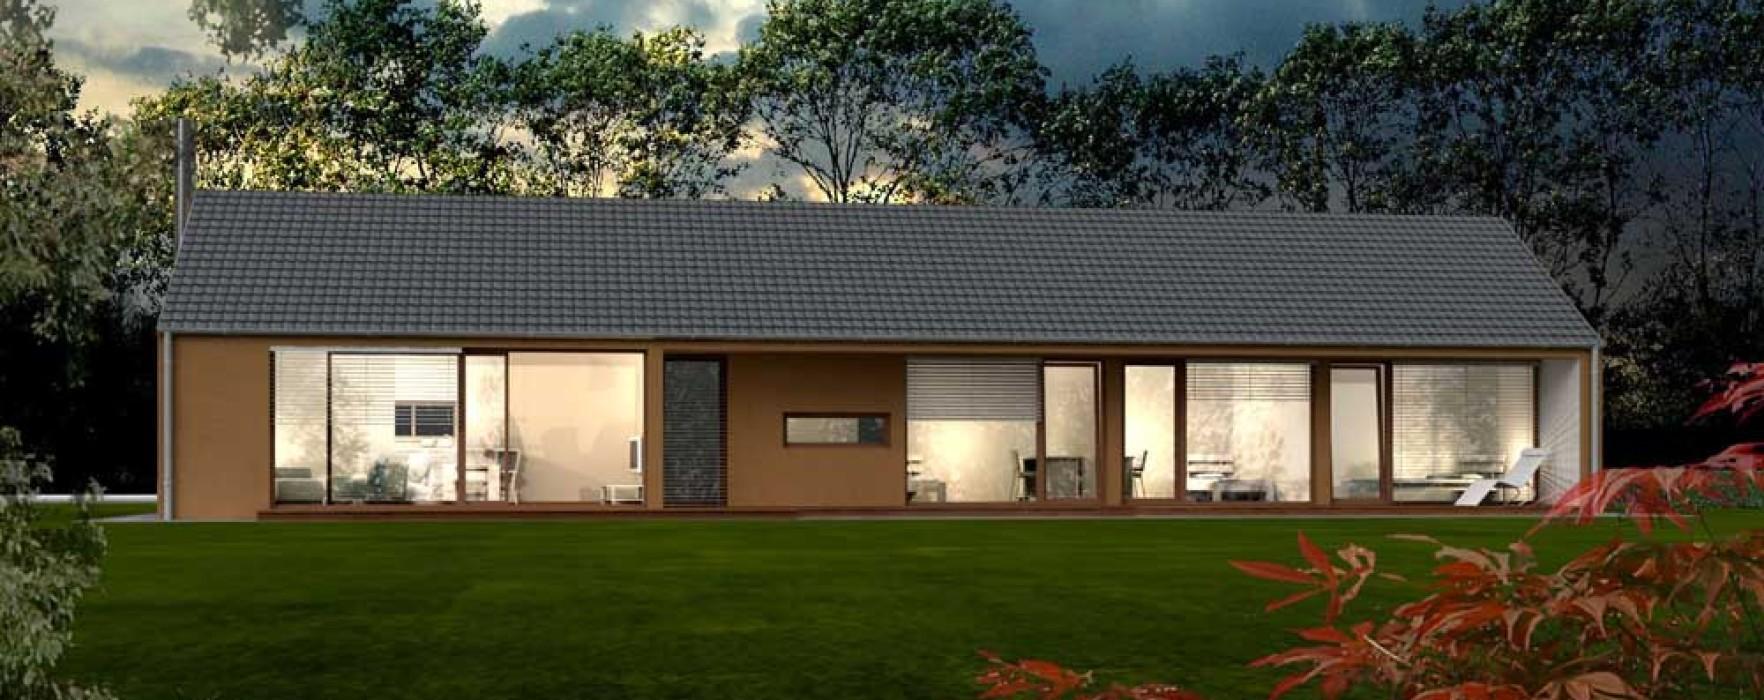 Prezzi indicativi per due case prefabbricate - Prezzo casa prefabbricata in legno ...